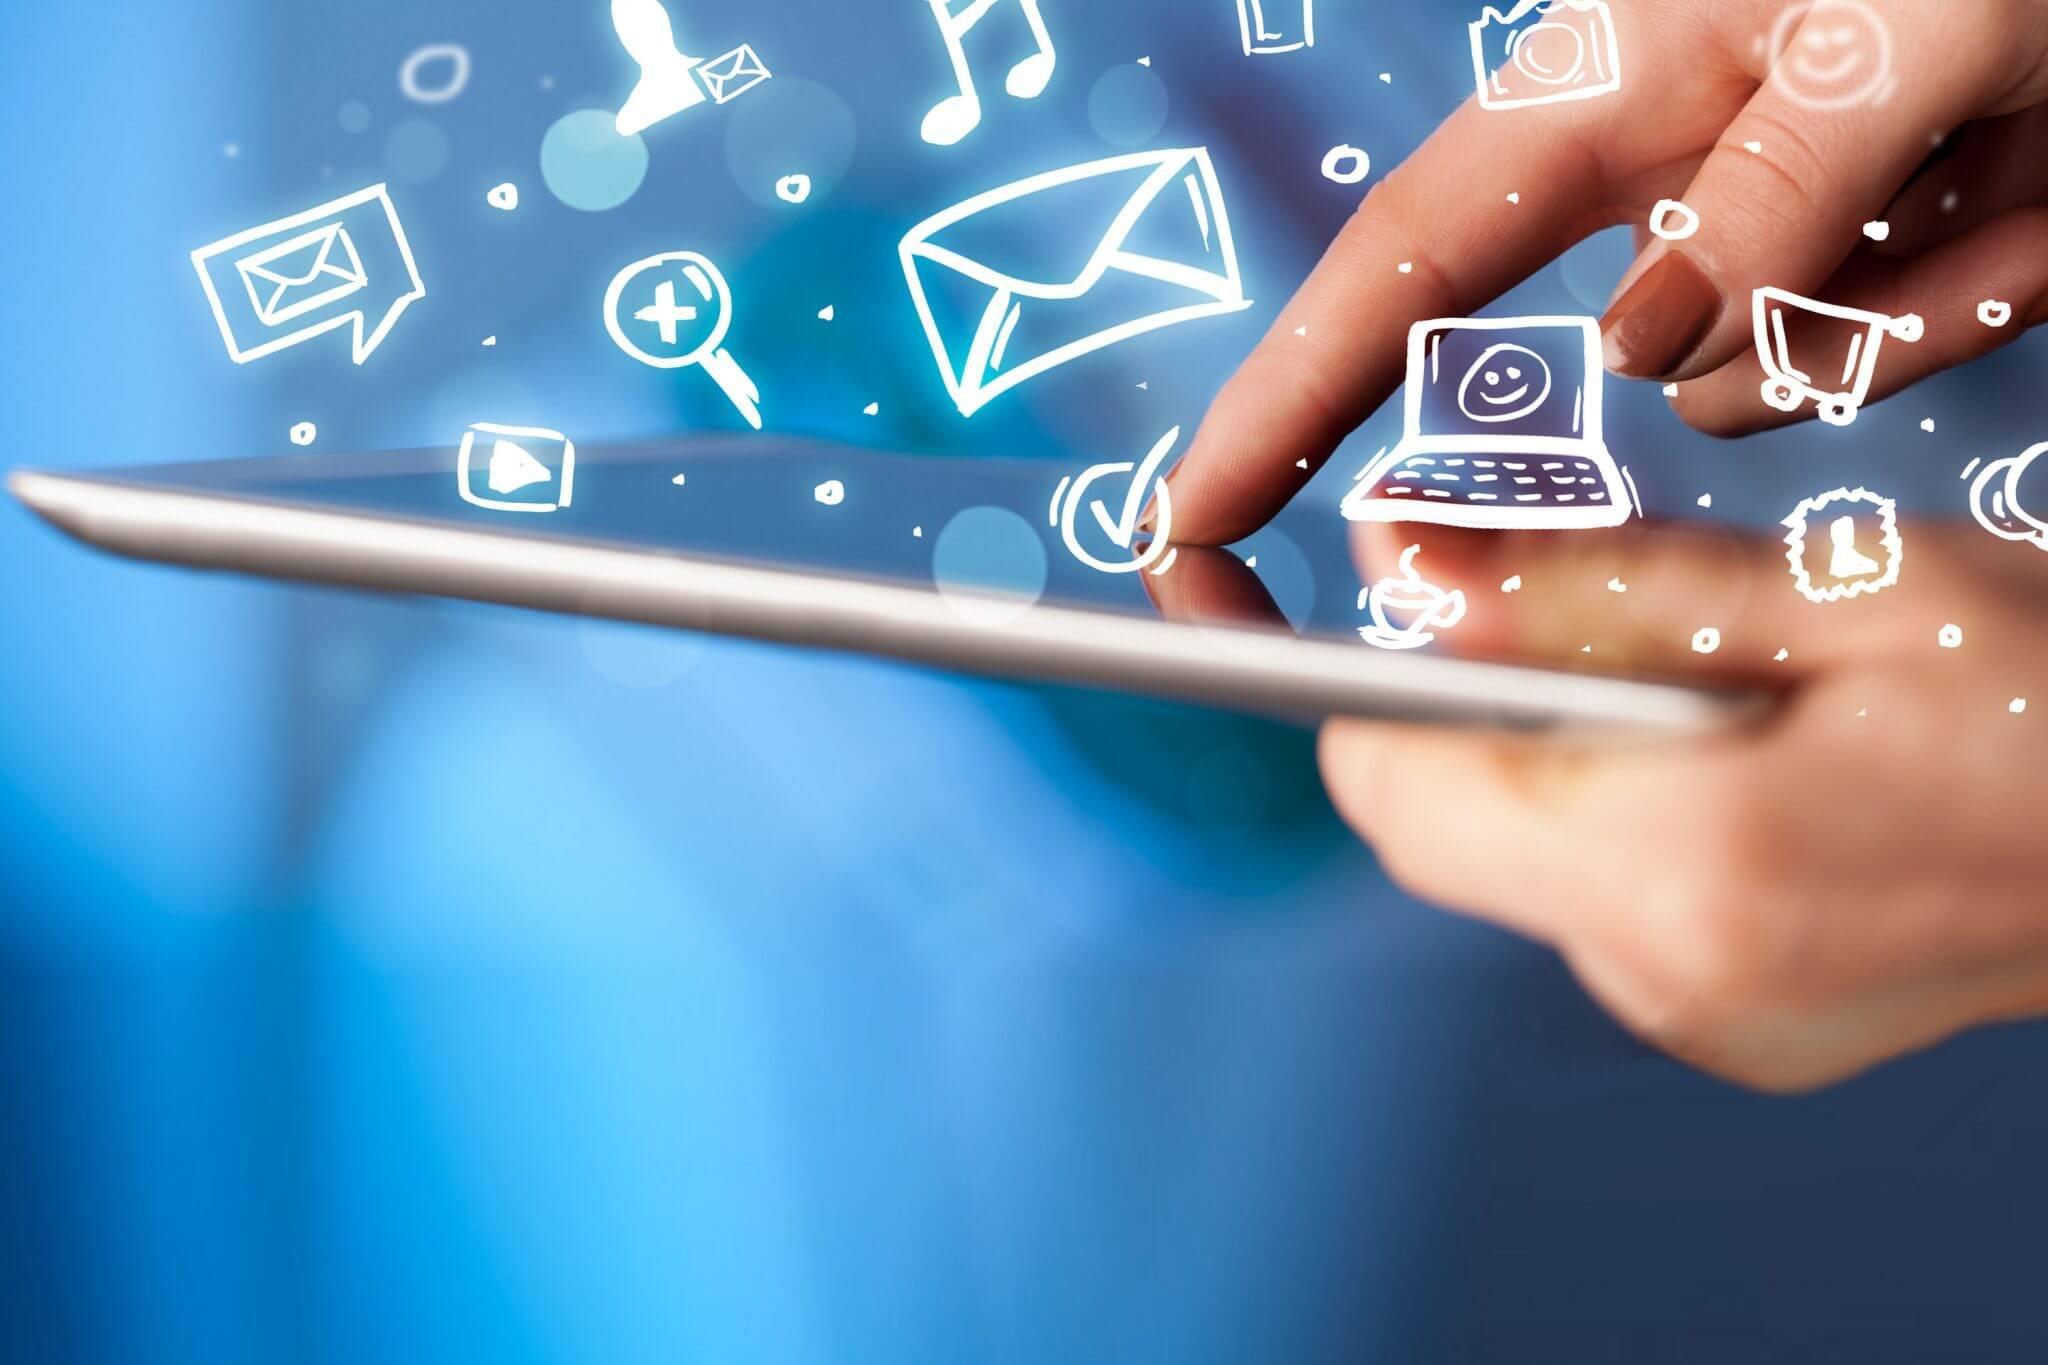 internet banda larga pesquisa anatel